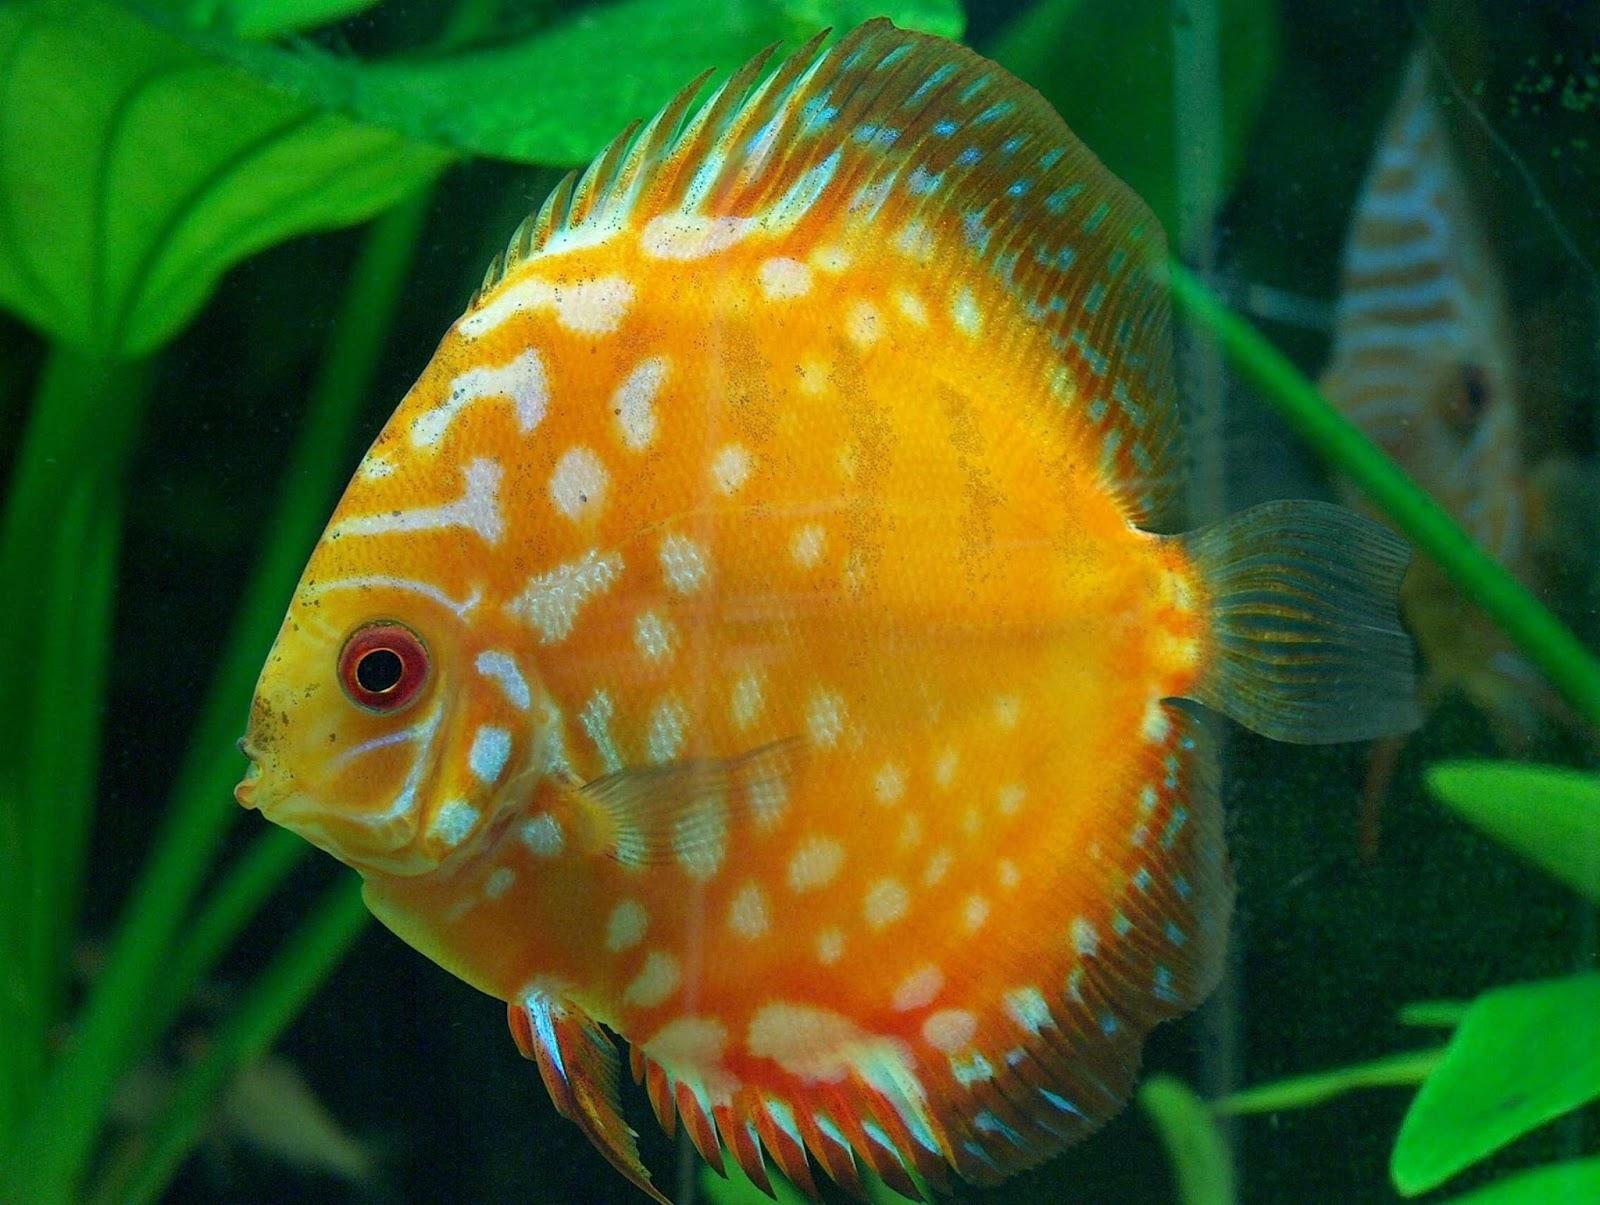 LIFE UNDER THE SEA: DISCUS FISH